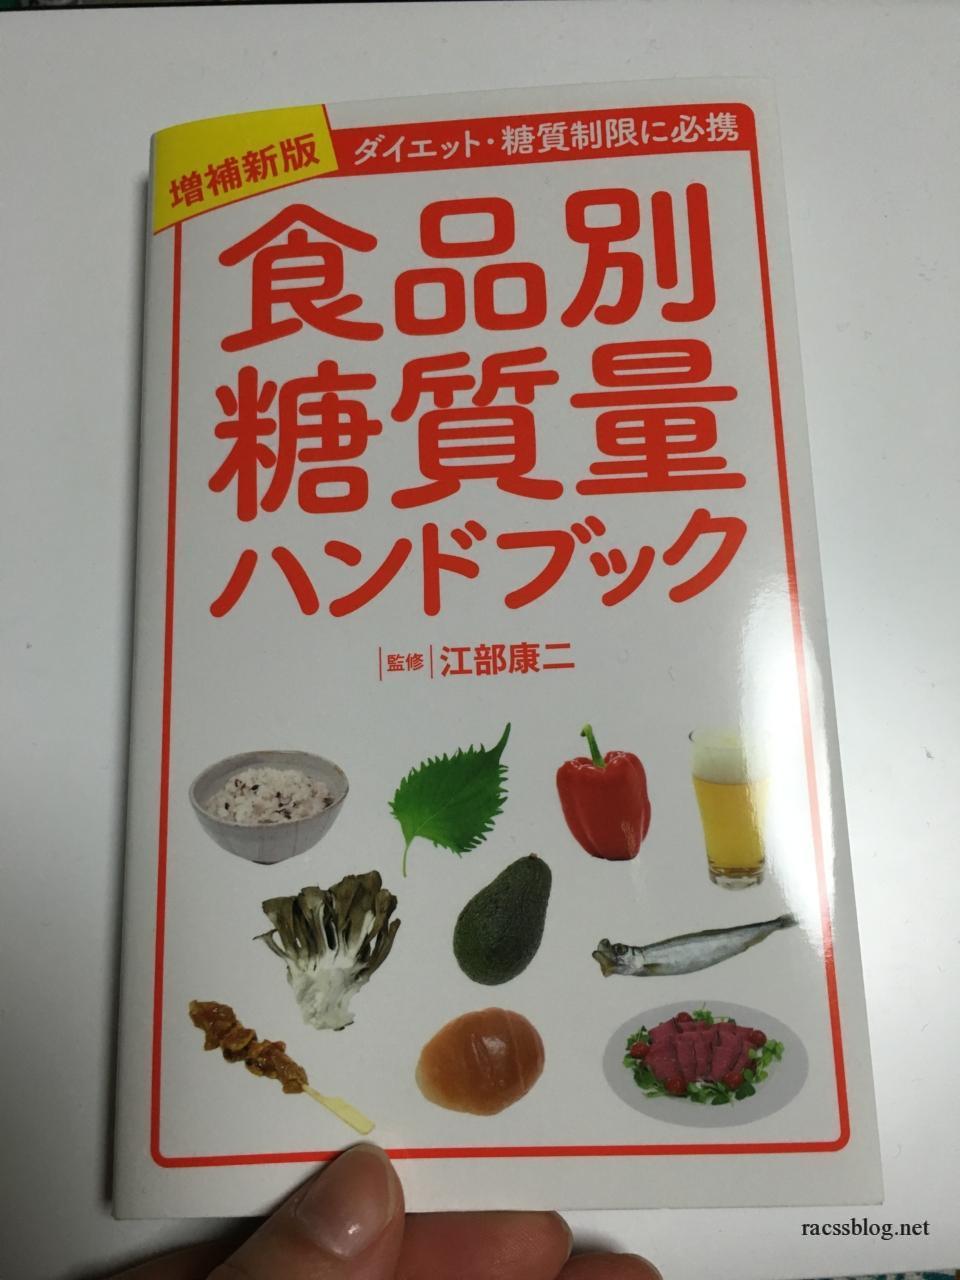 「食品別糖質量ハンドブック」が便利で使いやすい!感想とレビュー